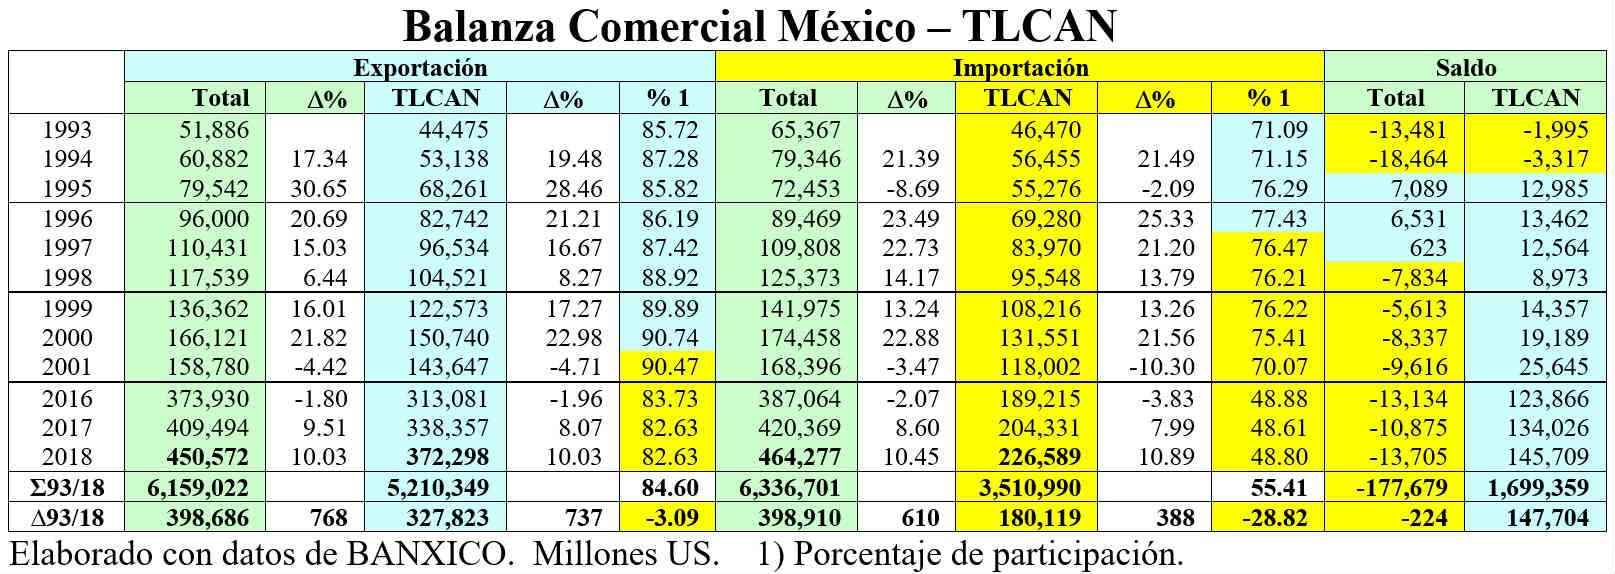 balanza comercial mexico-tlcan